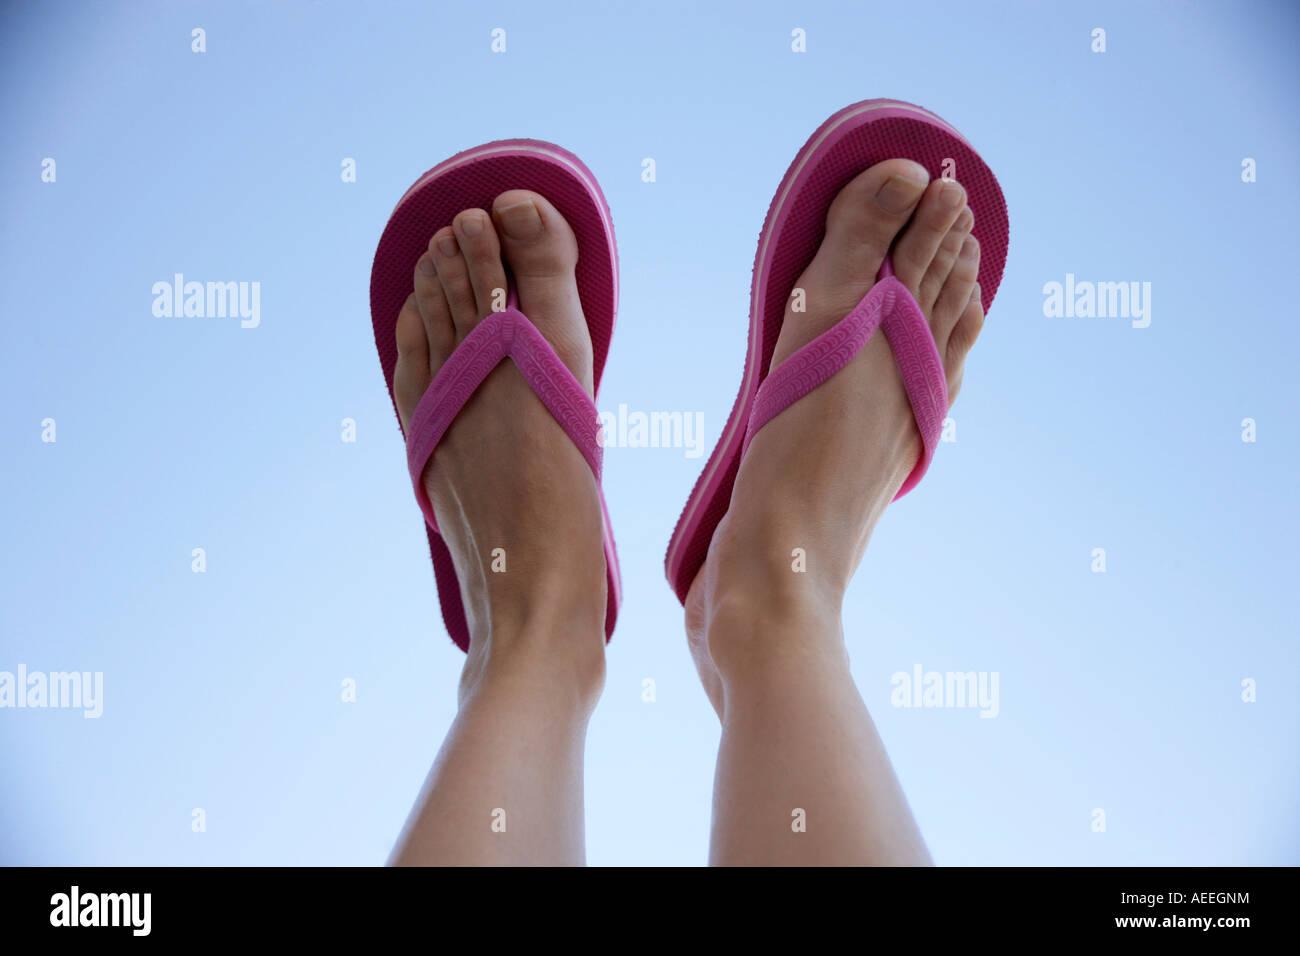 Coppia di piedini in flip-flop contro il cielo blu Foto Stock